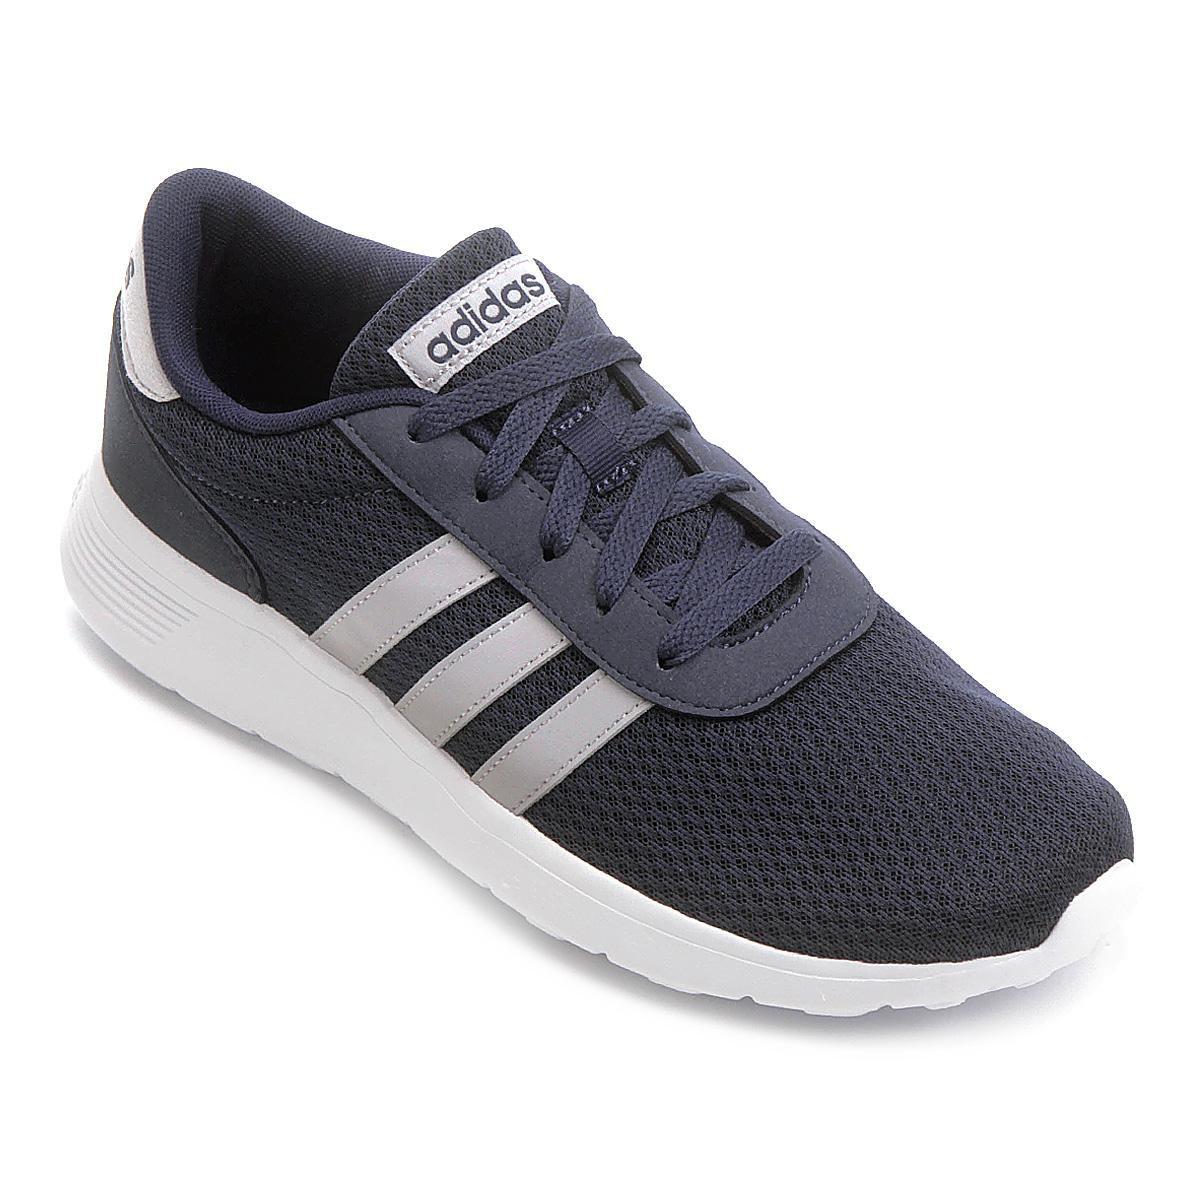 36745304a8b Tênis Adidas Lite Racer Masculino - Azul Escuro - Compre Agora ...